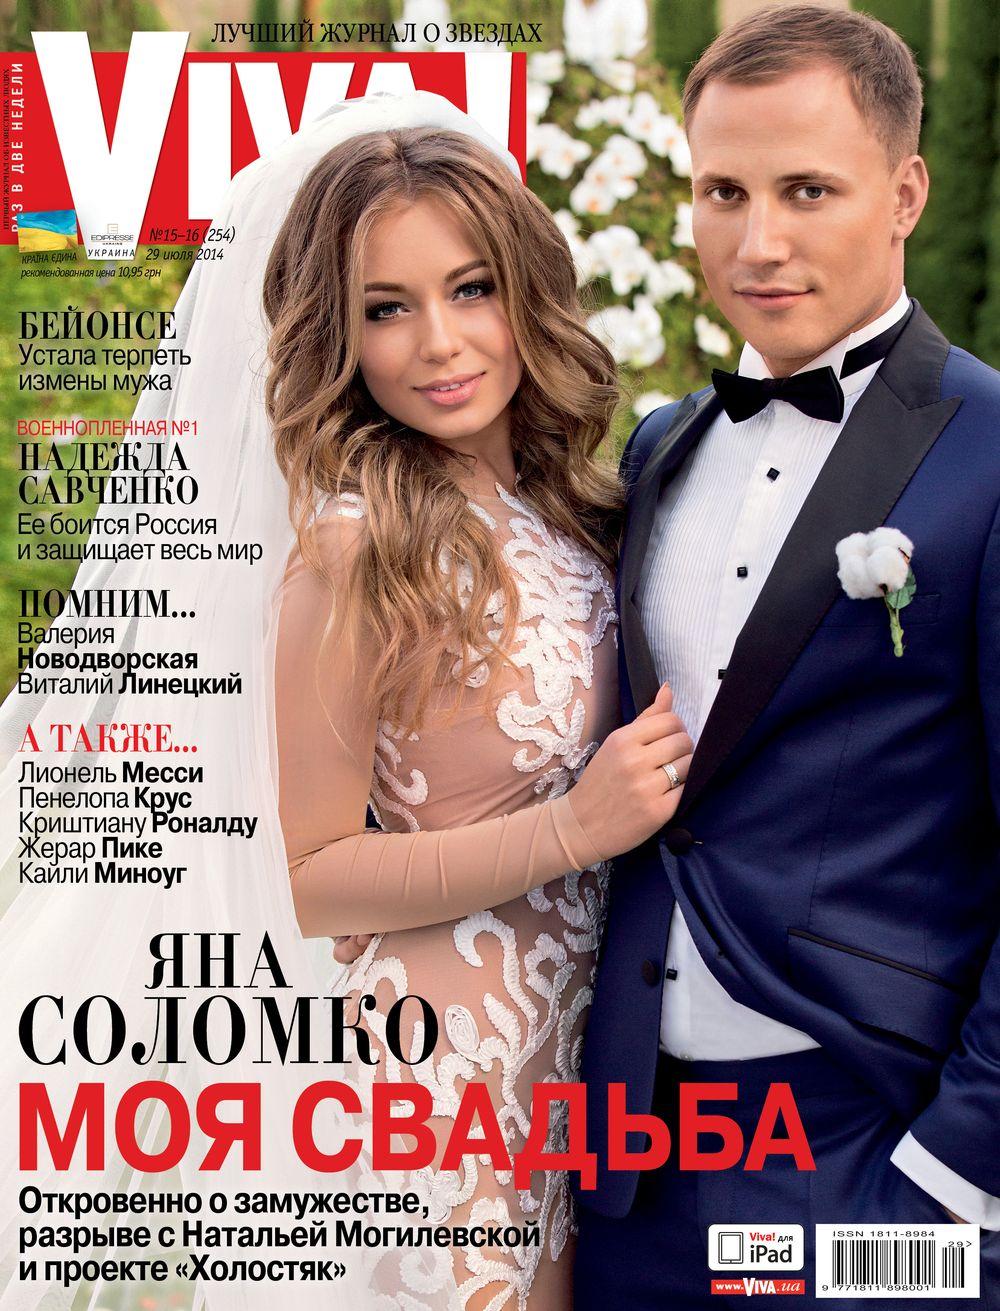 Яна Соломко и ее муж на обложке Viva!